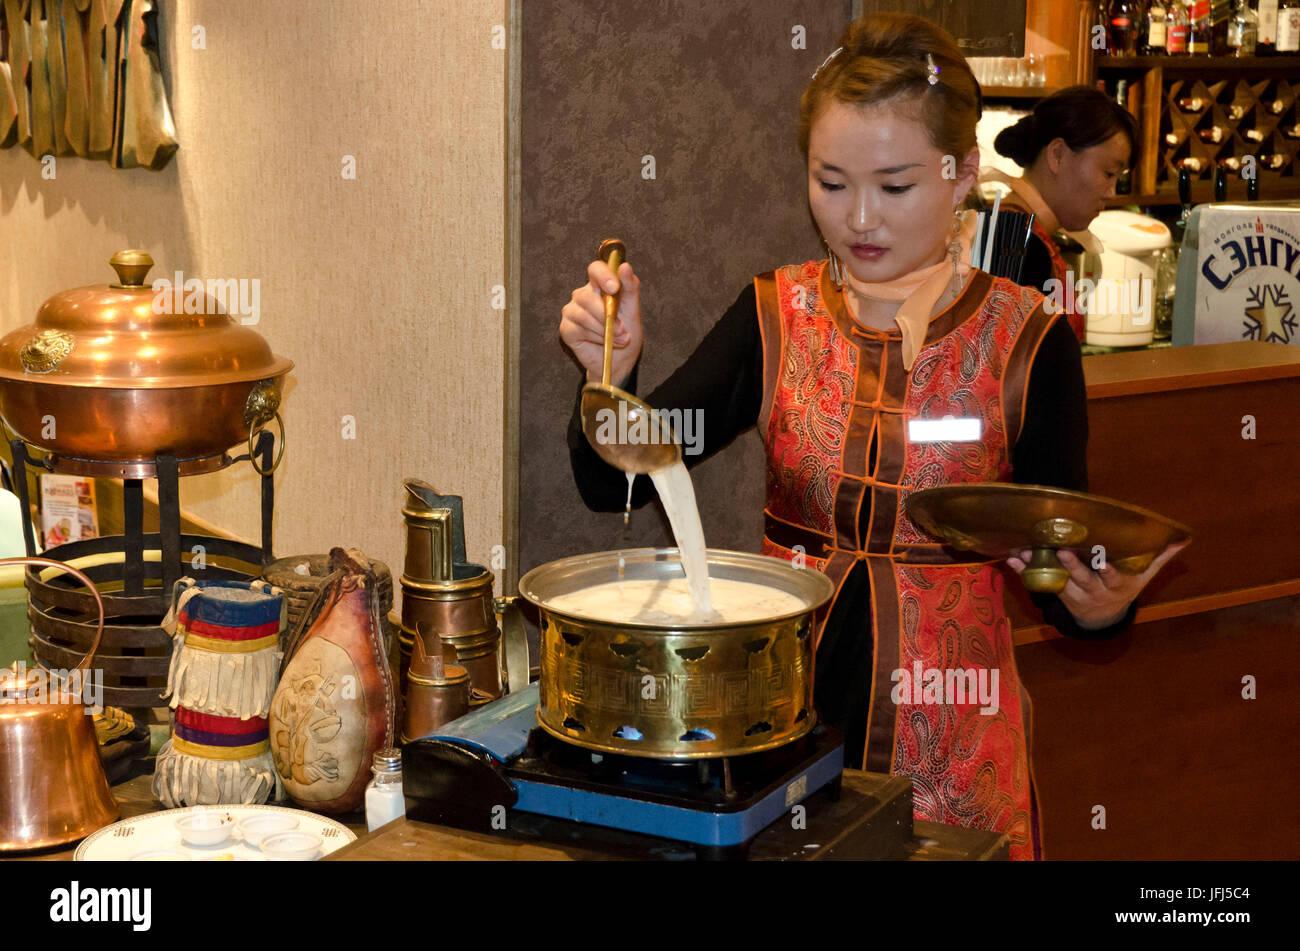 L'Asie centrale, la Mongolie, Oulan-Bator / Ulan Bator, cuisine mongole, jeune femme pendant la cuisson Photo Stock